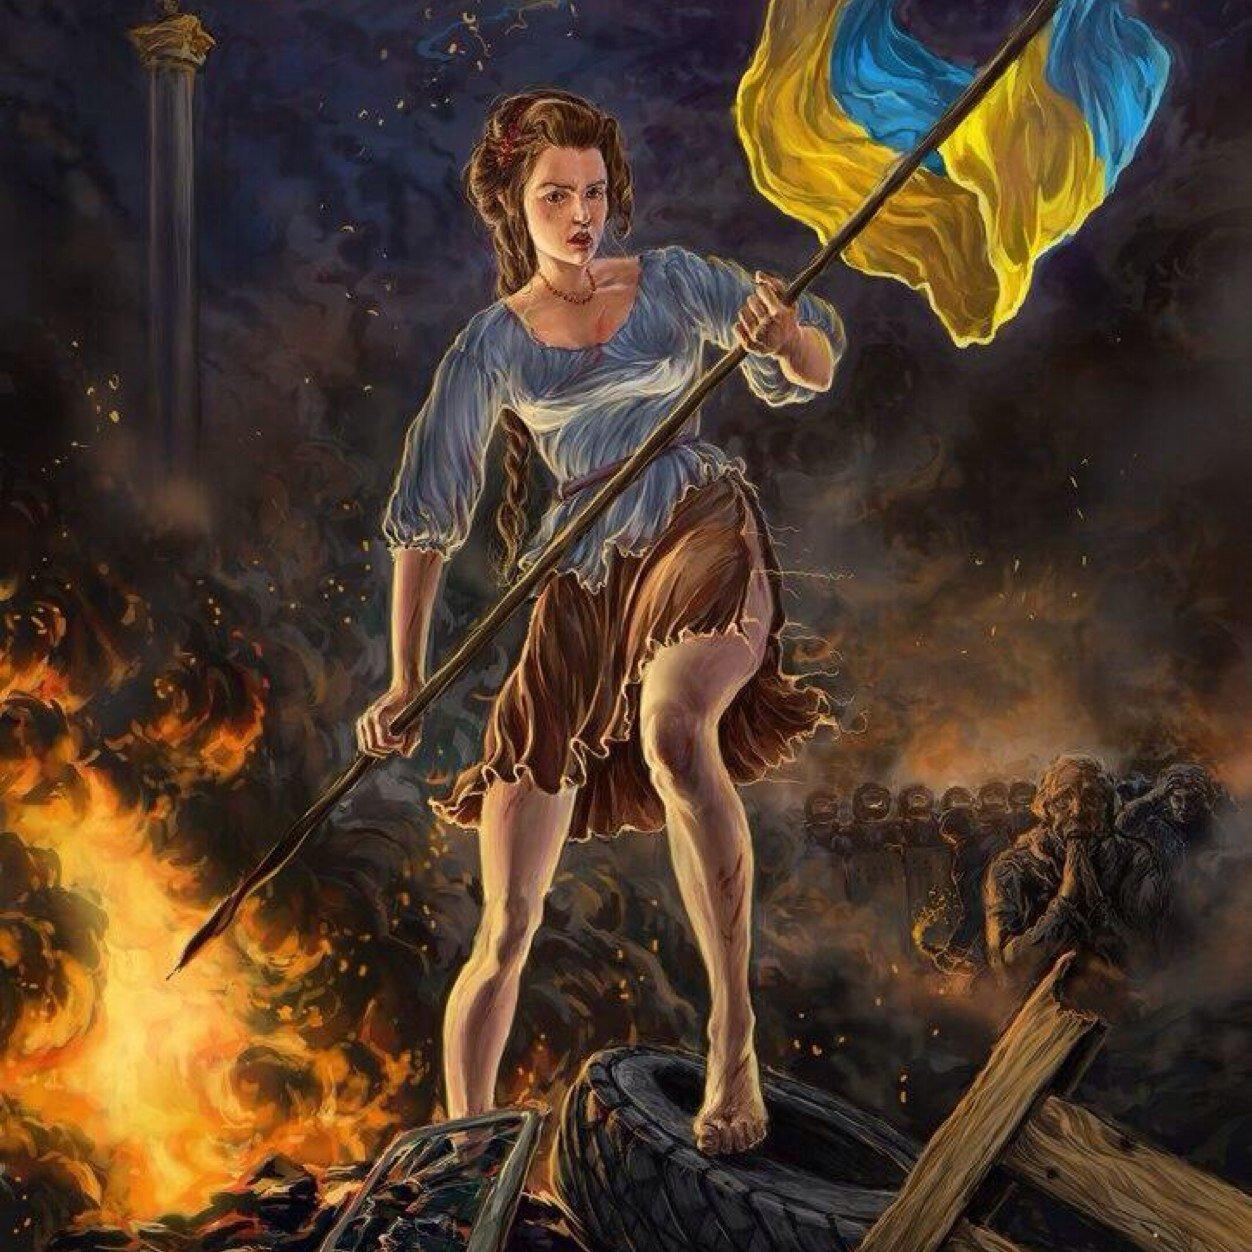 Жана-дарк на Майдані!